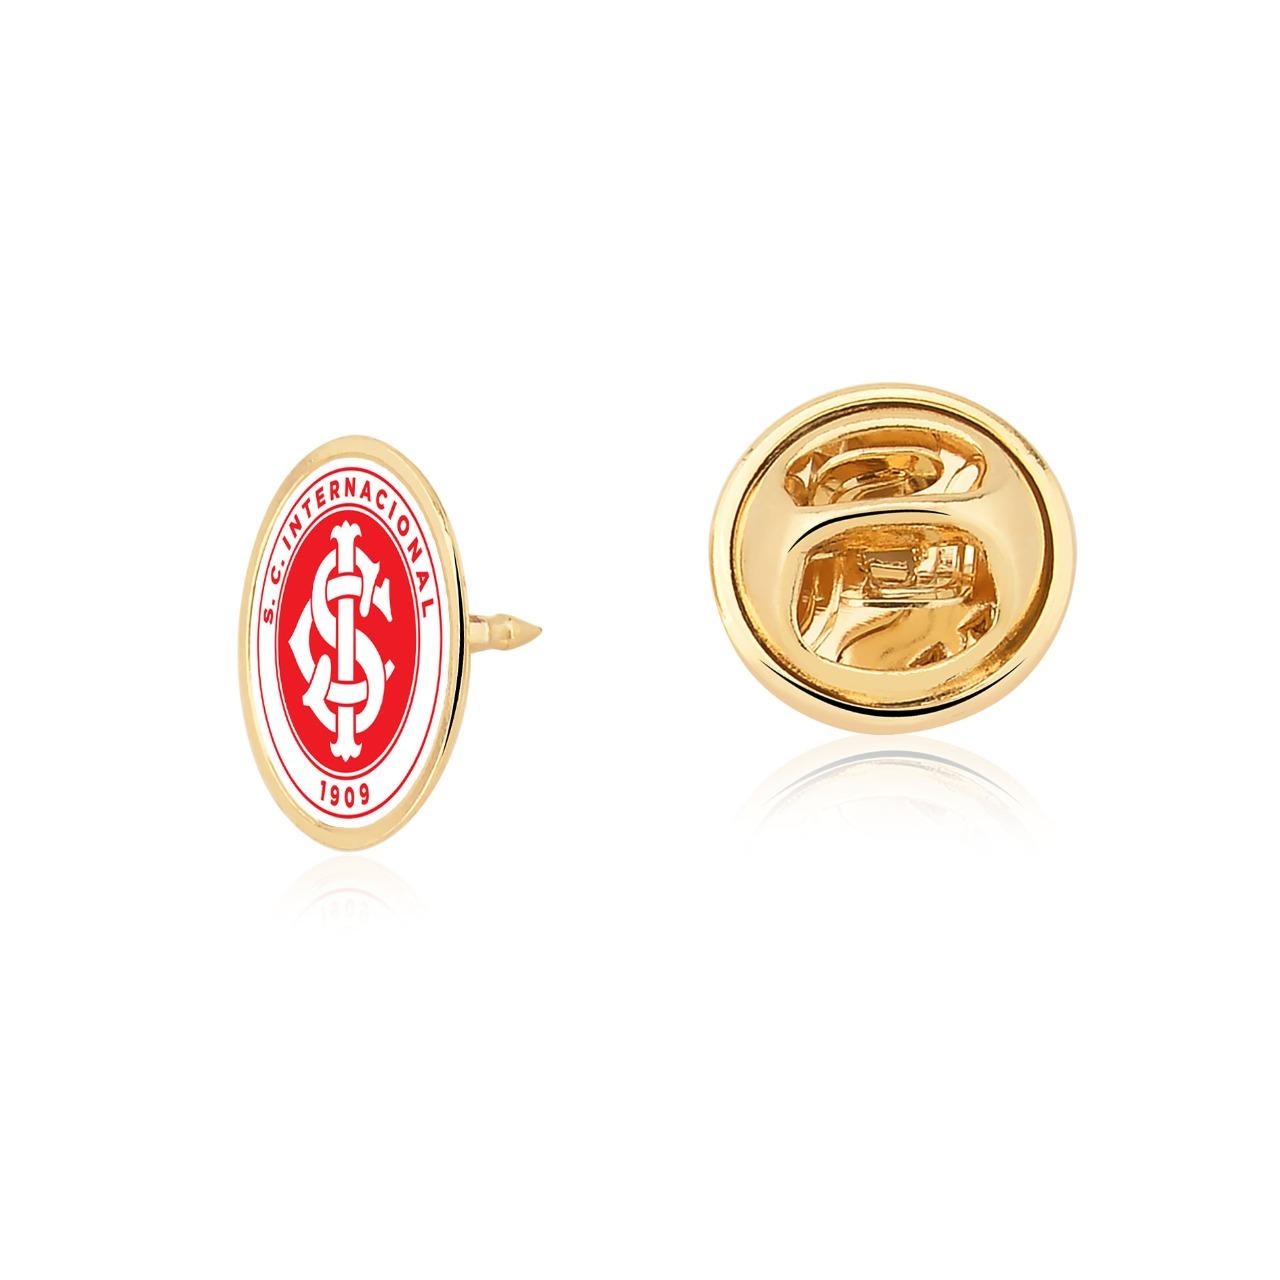 Pin 1 cm SCI Internacional Pacote Com 10 Unid. Folheado Ouro 18K